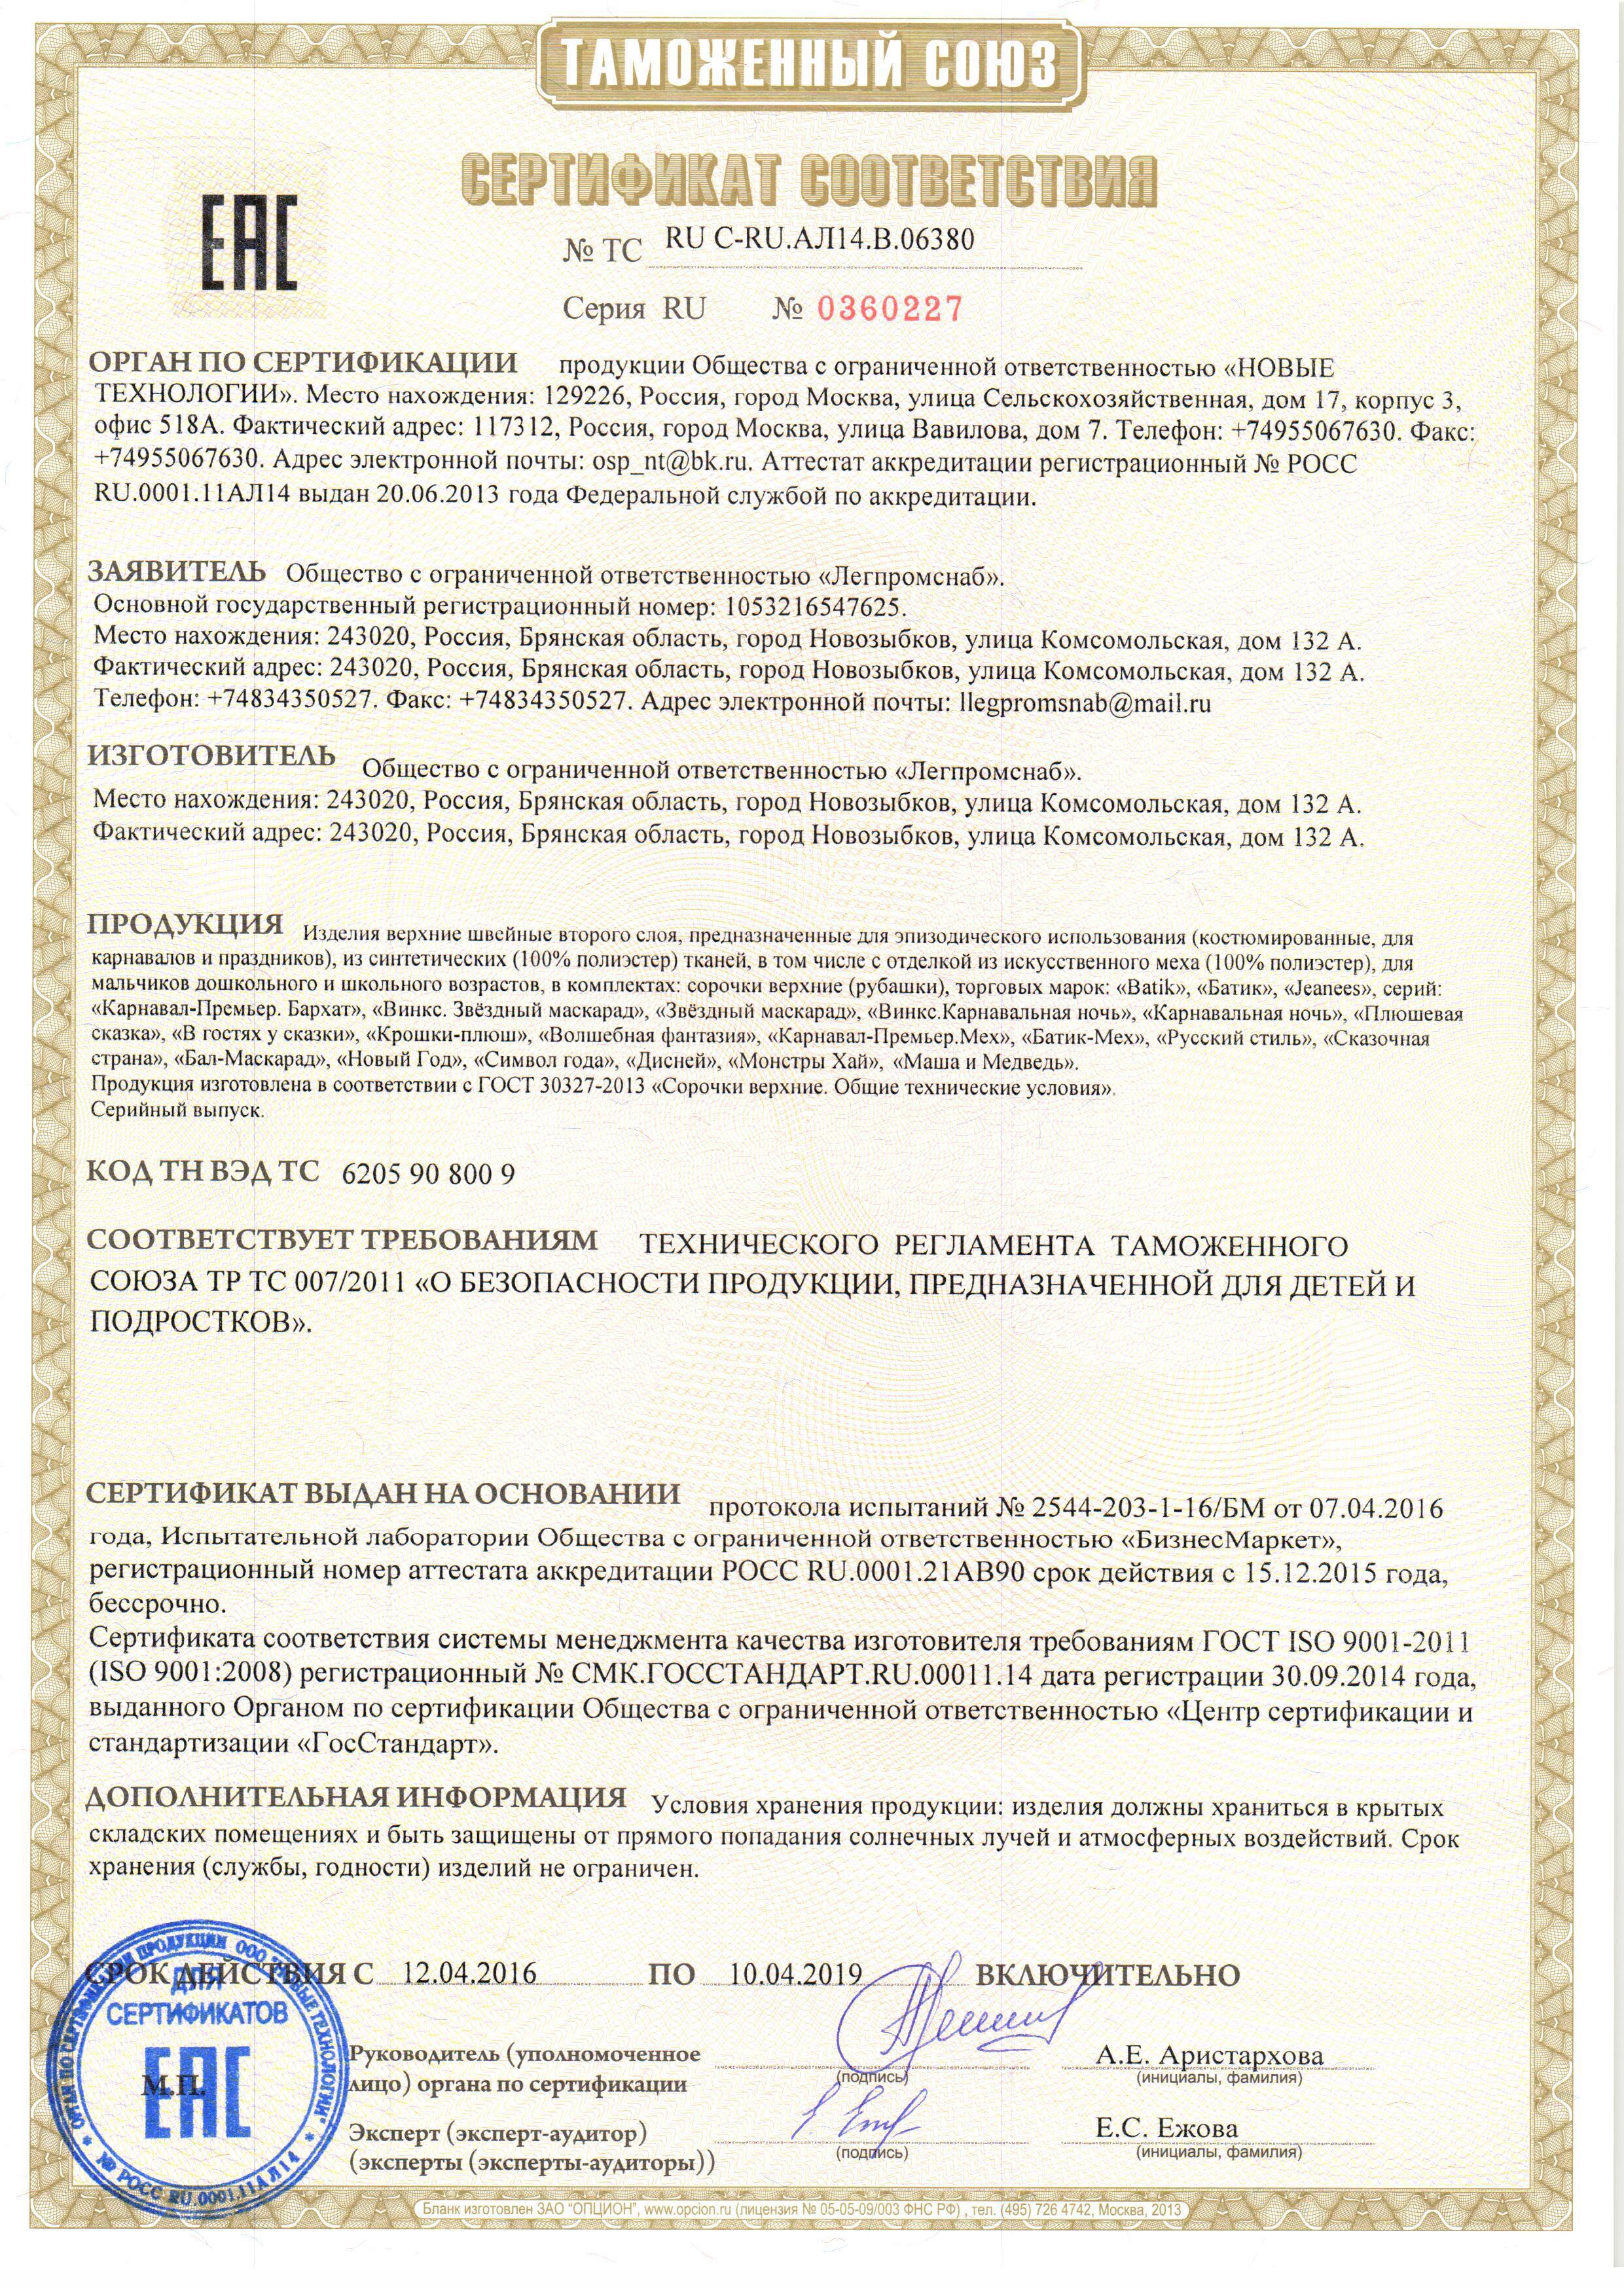 Сертификаты-1.jpg